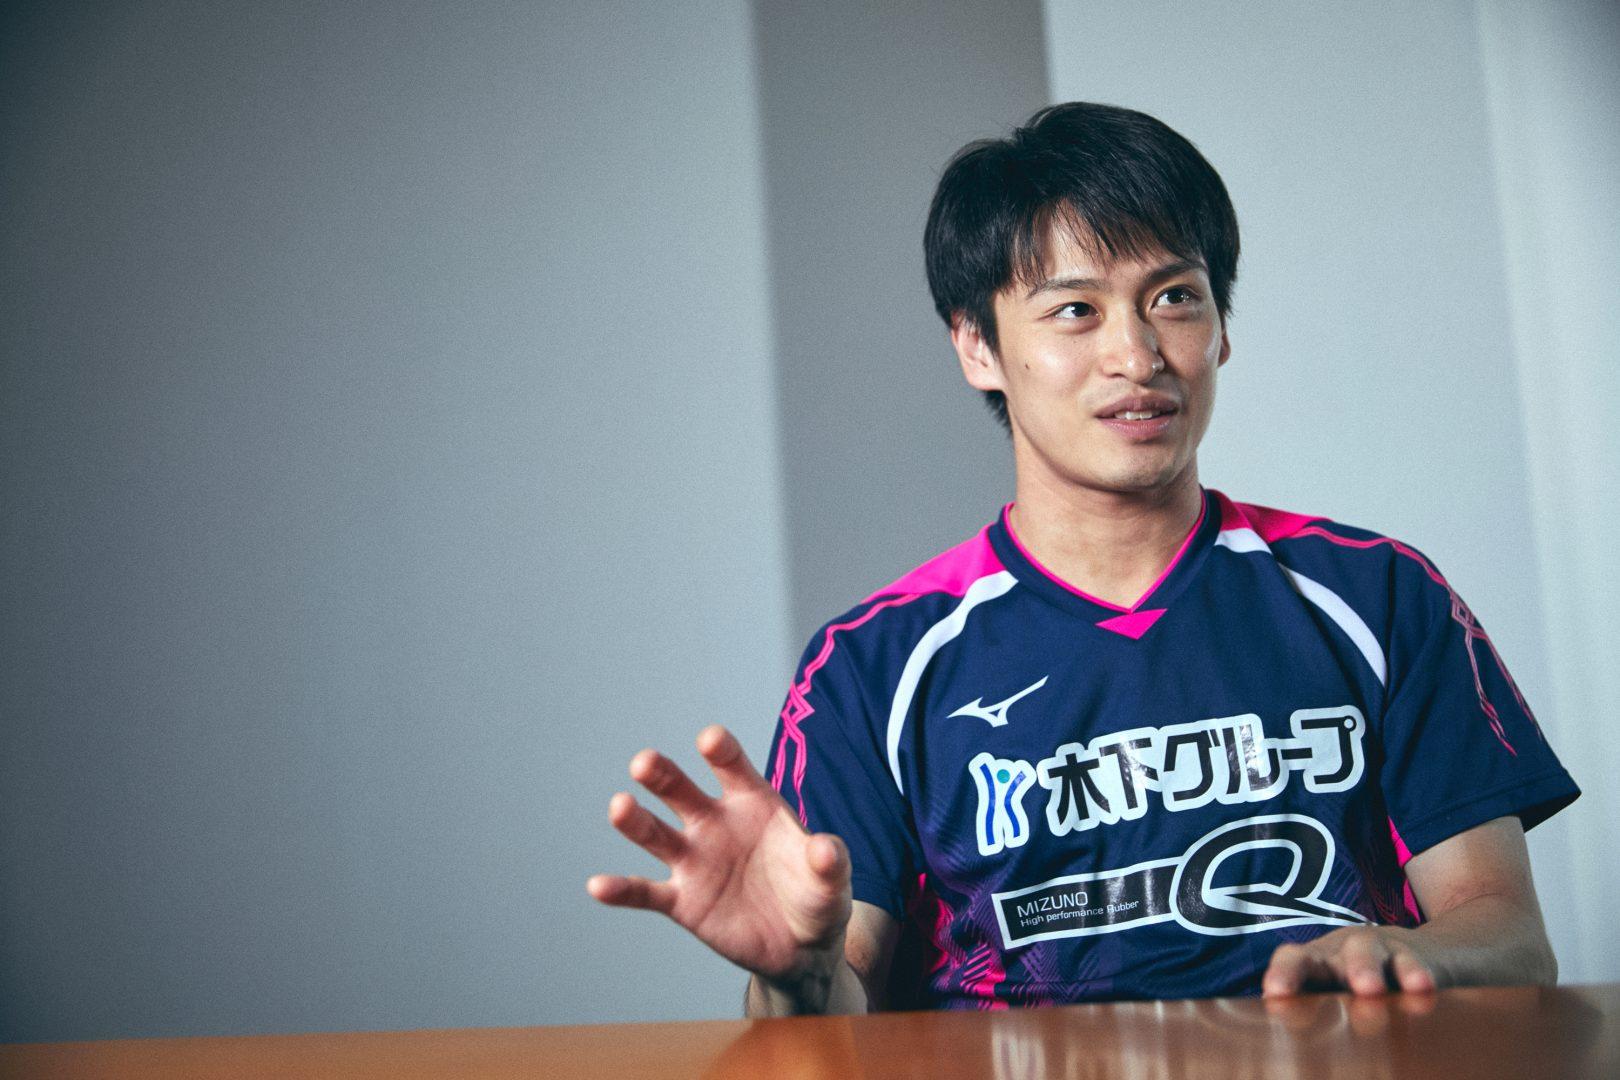 大島祐哉が語る戦略的思考「卓球にはストーリーがある」